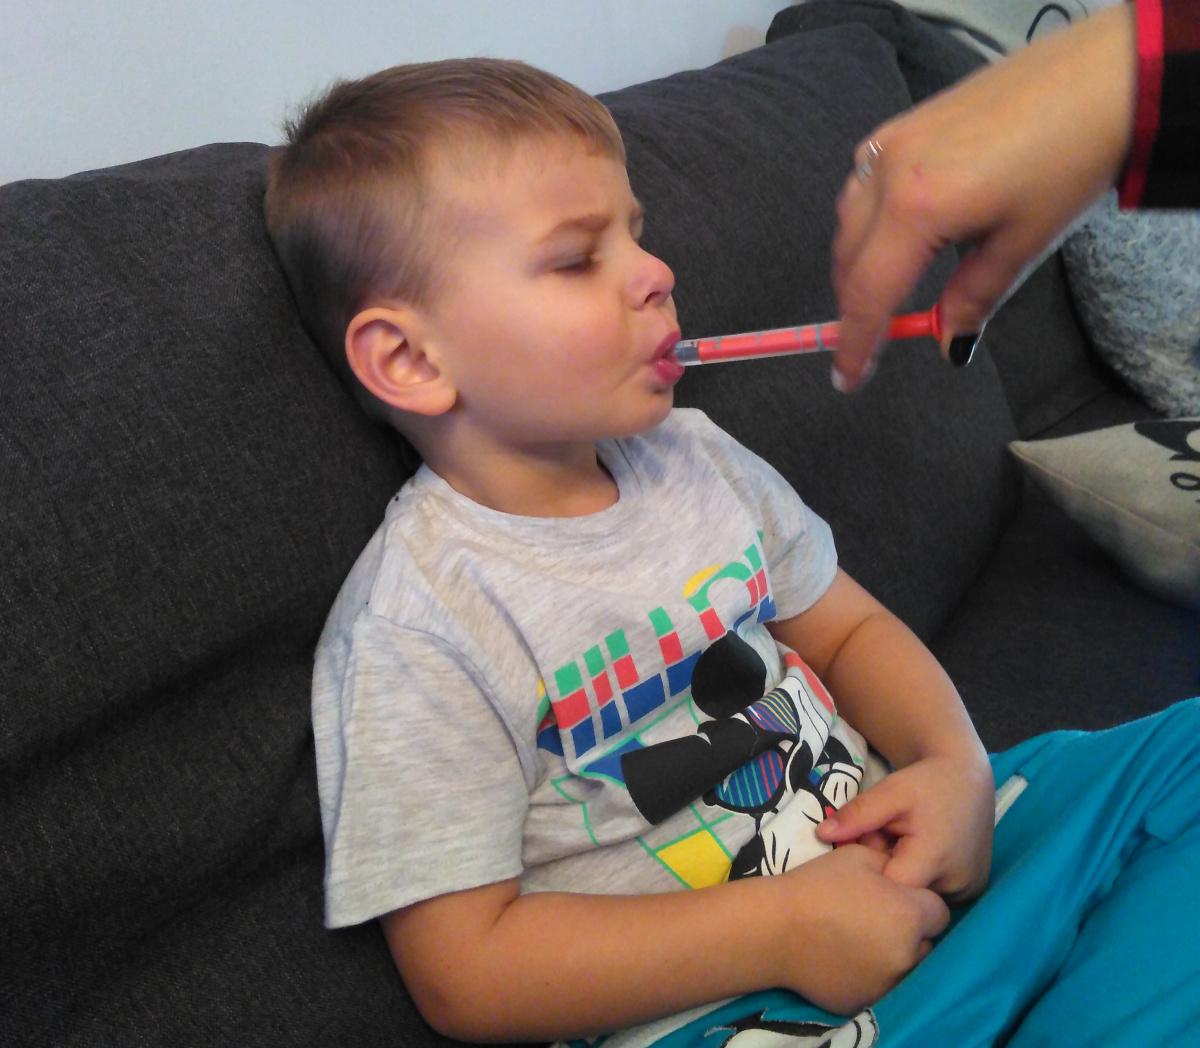 jak podać dziecku leki